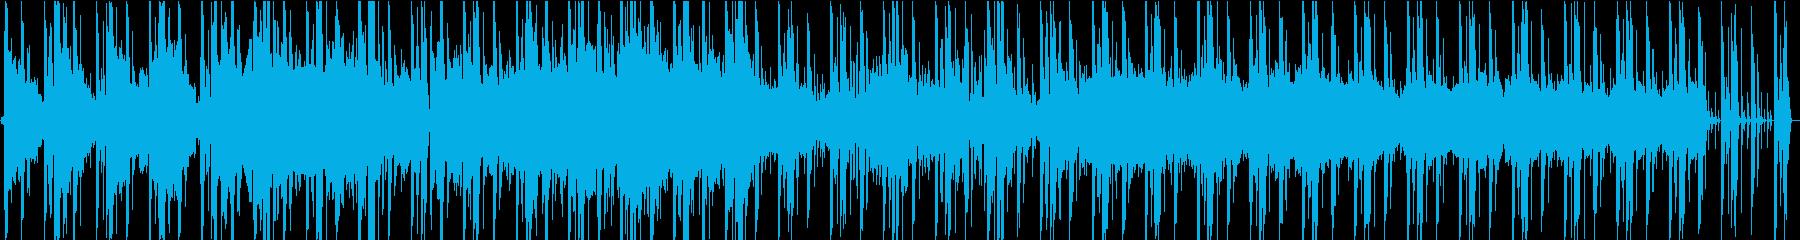 気楽に、真面目に行こうぜ的なファンクの再生済みの波形